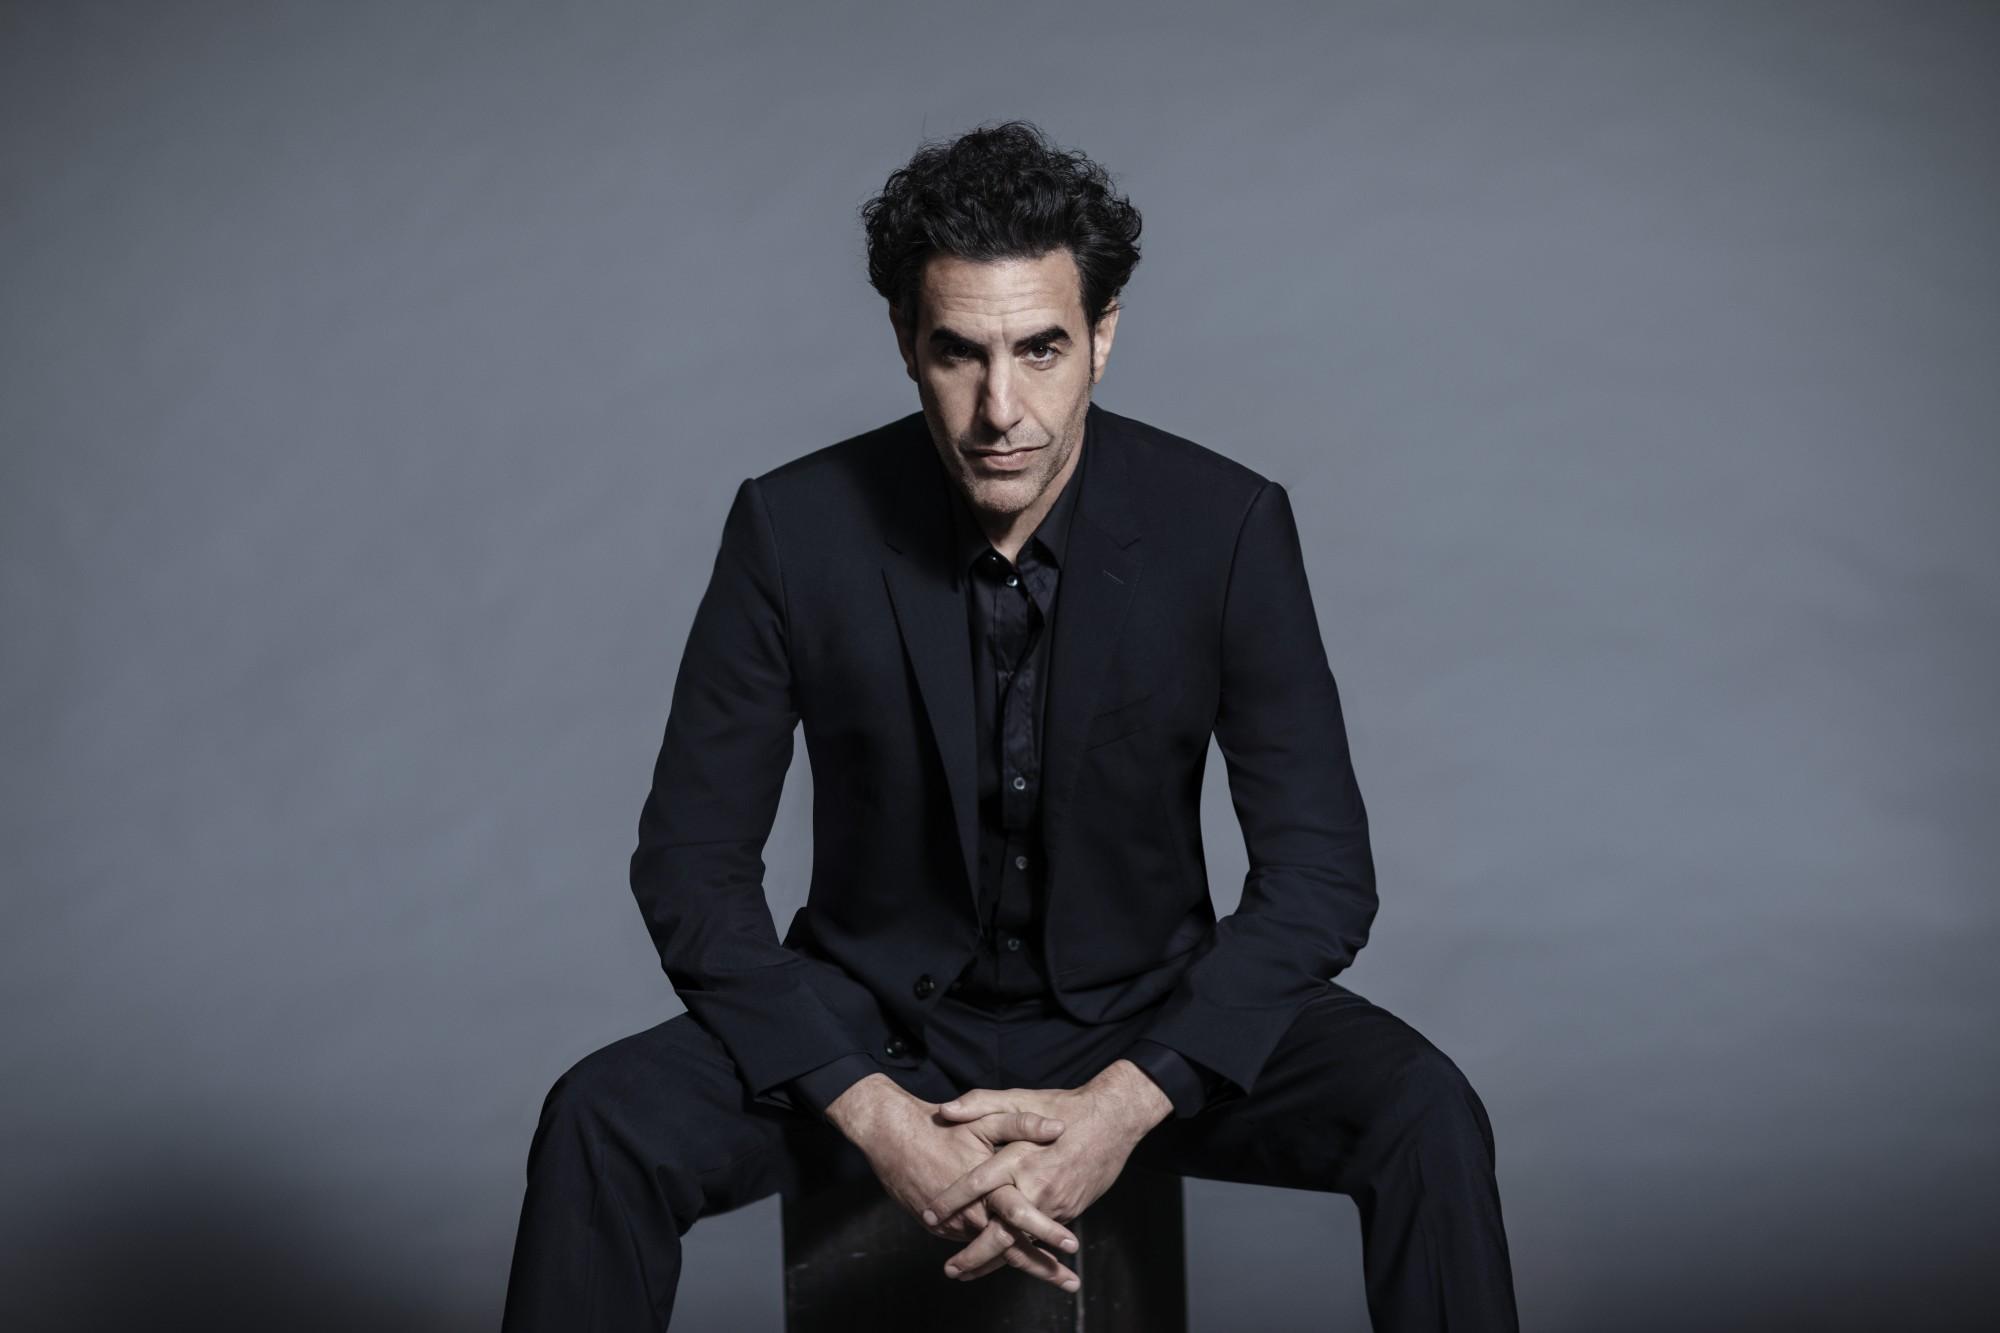 Óscar 2021 - Sacha Baron Cohen